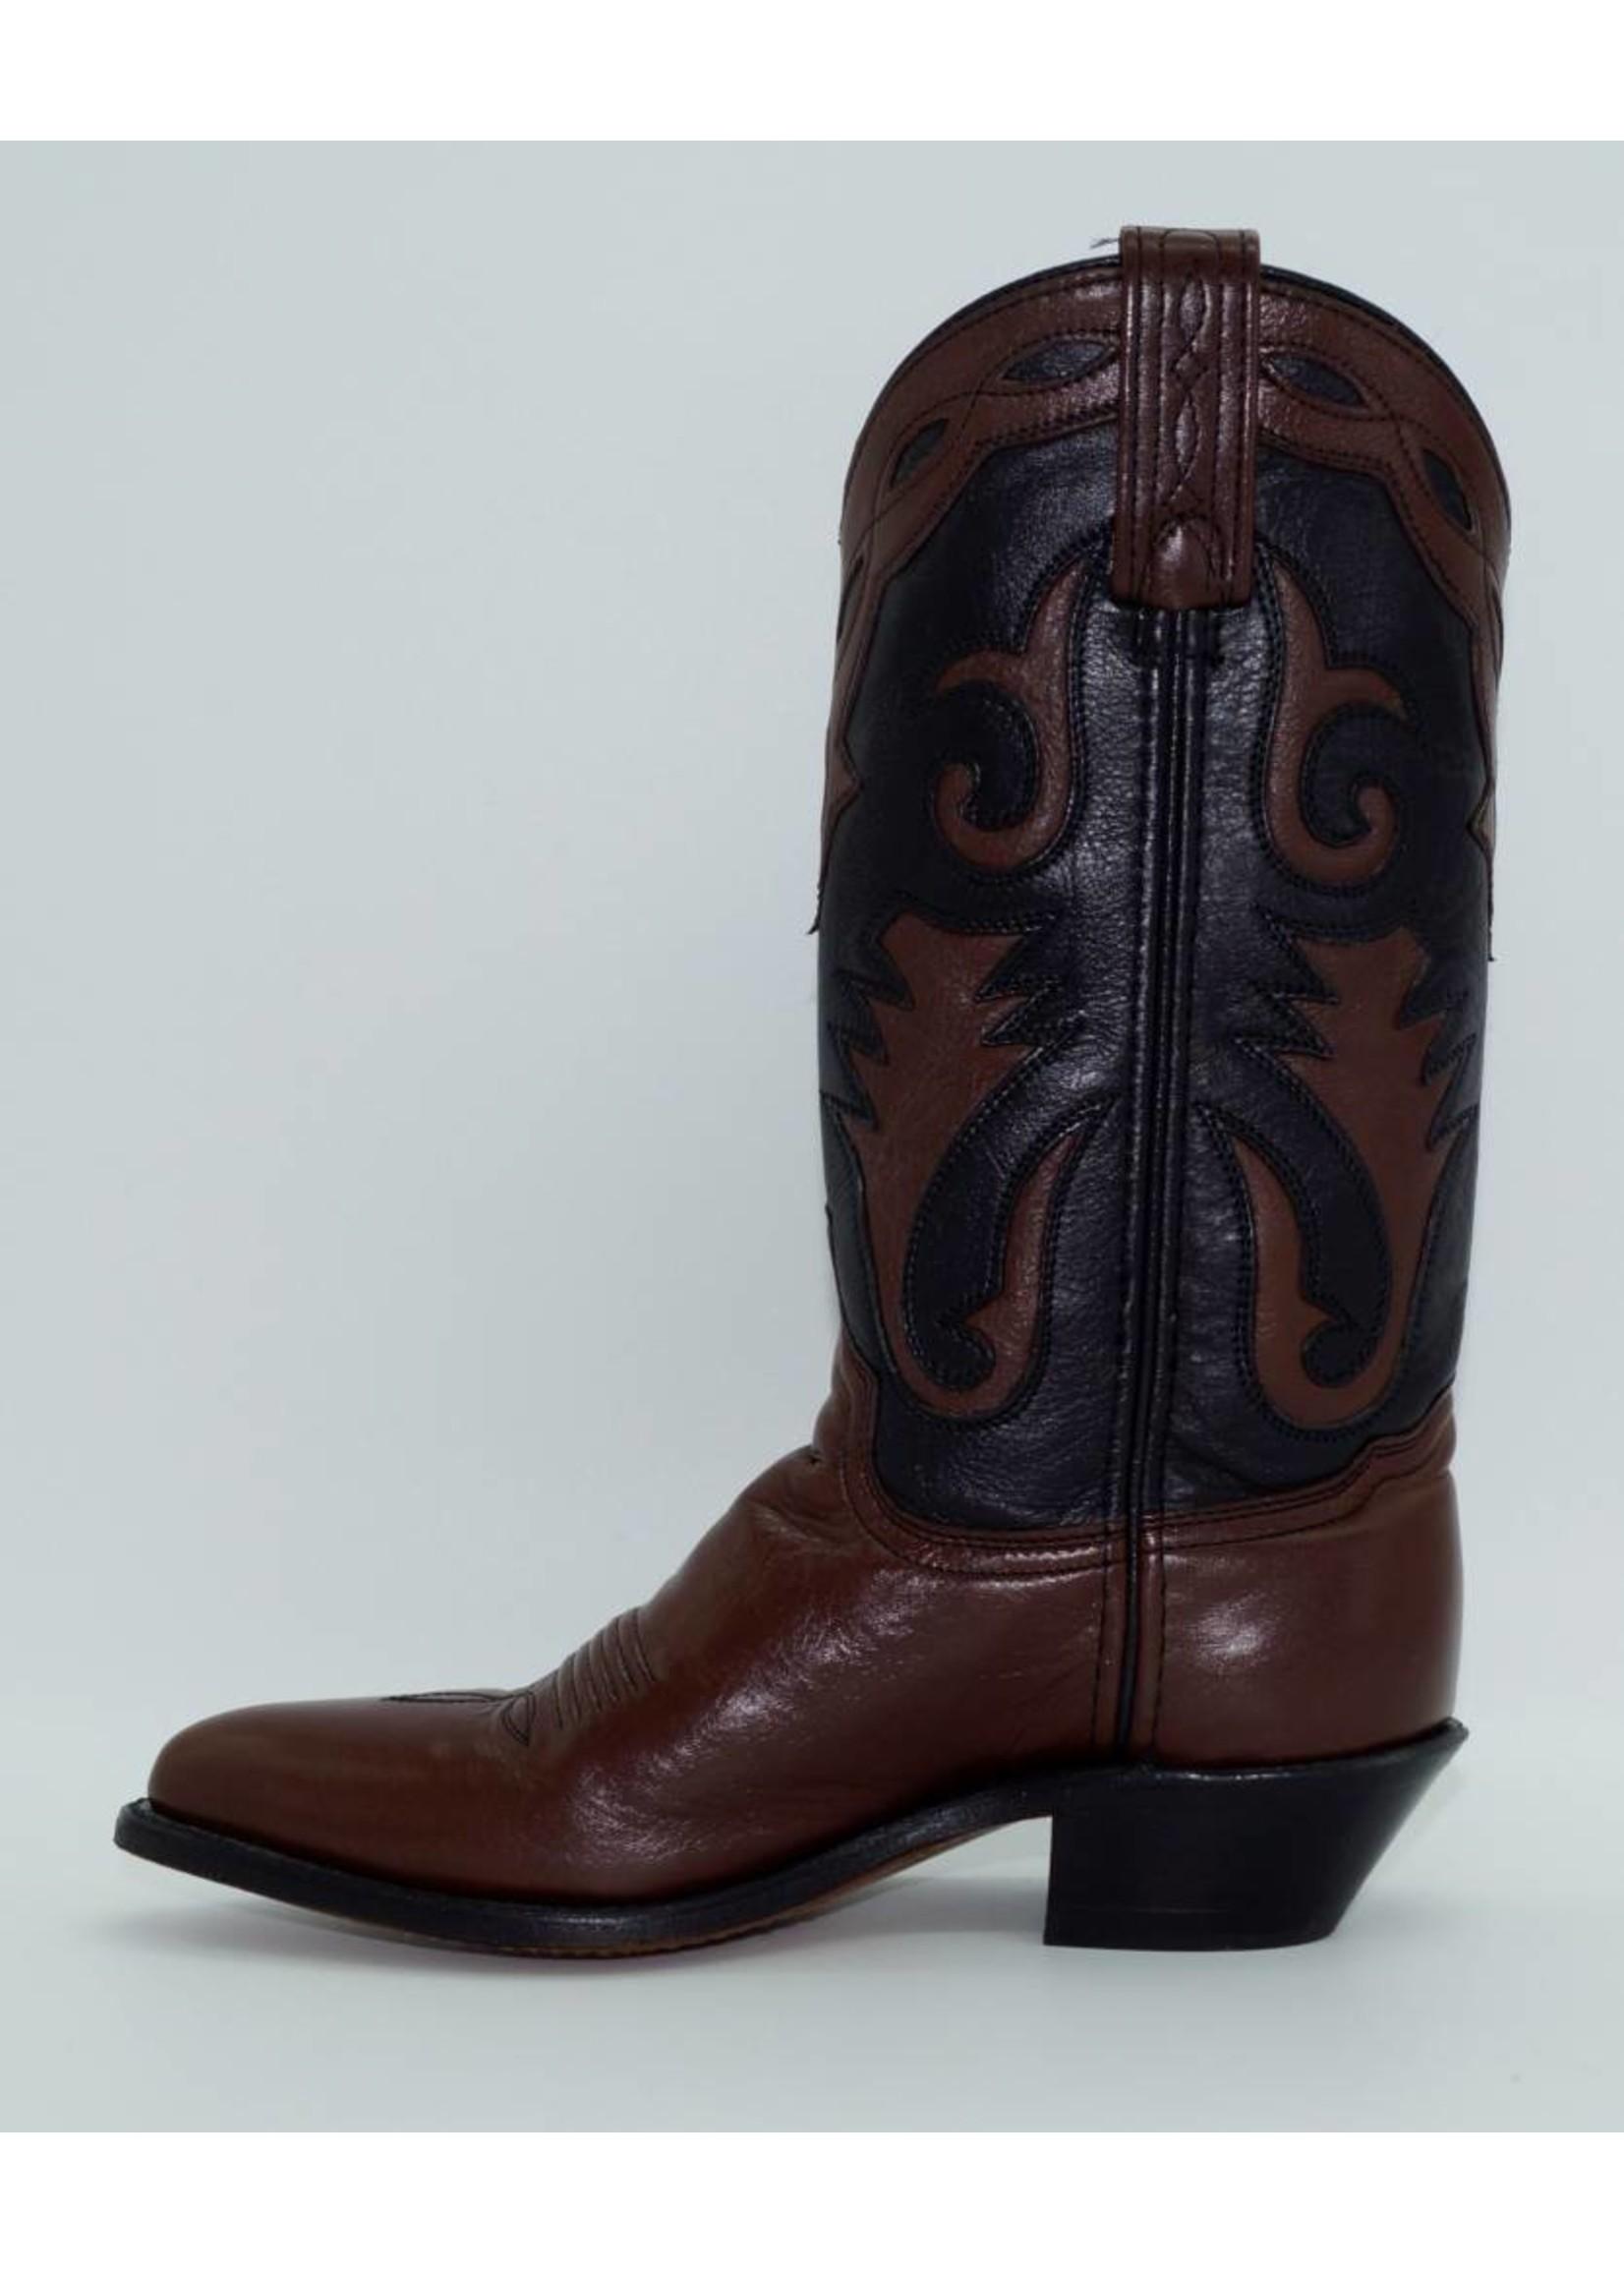 Abilene Women's Leather Western Boots 9093